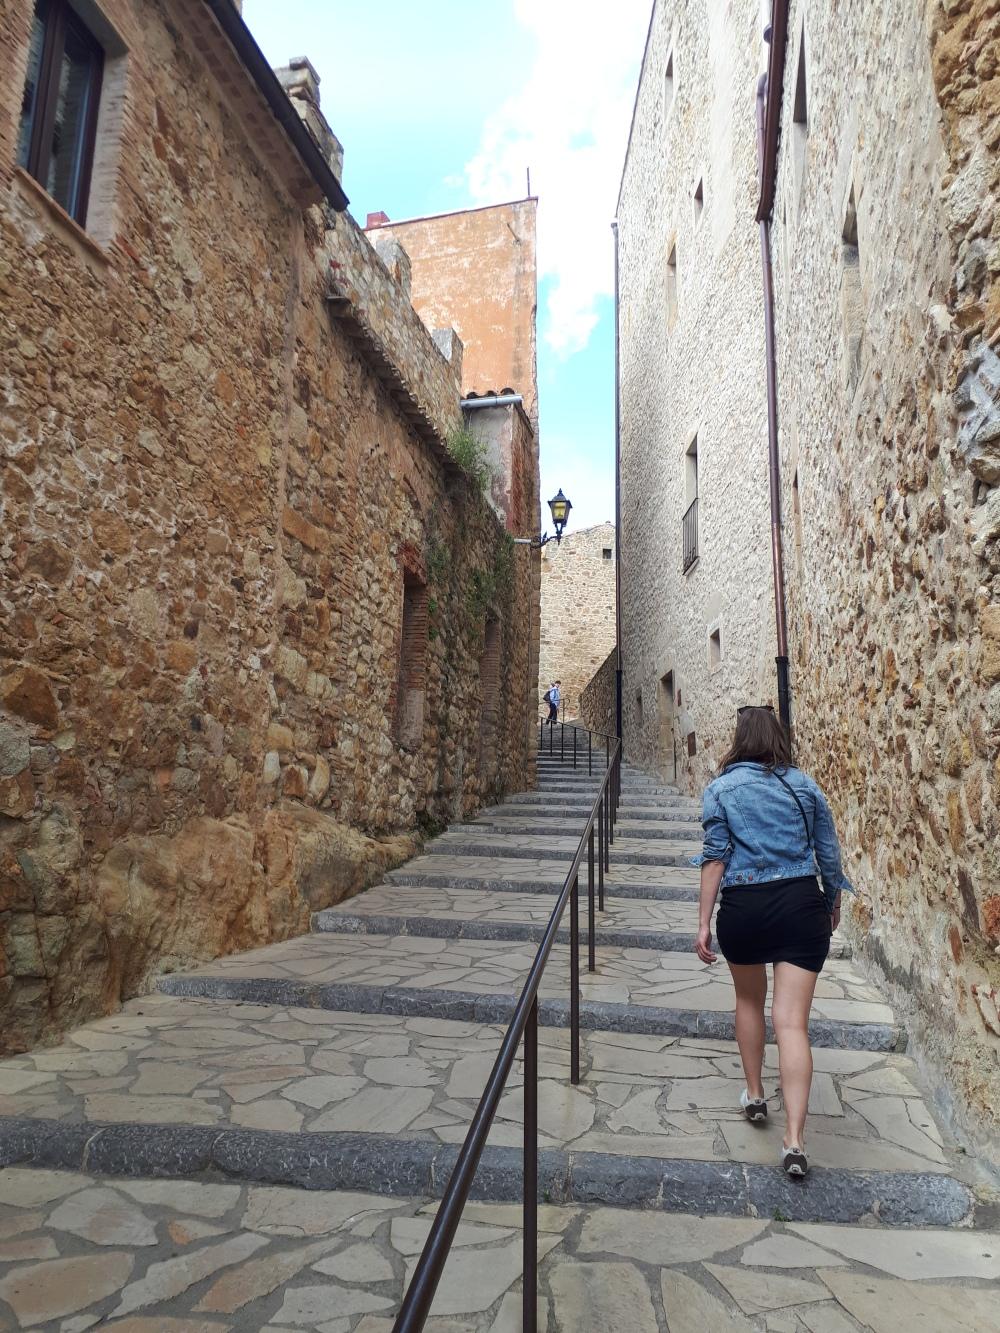 Binnenstad gotische dorp Pals Costa Brava, Spanje